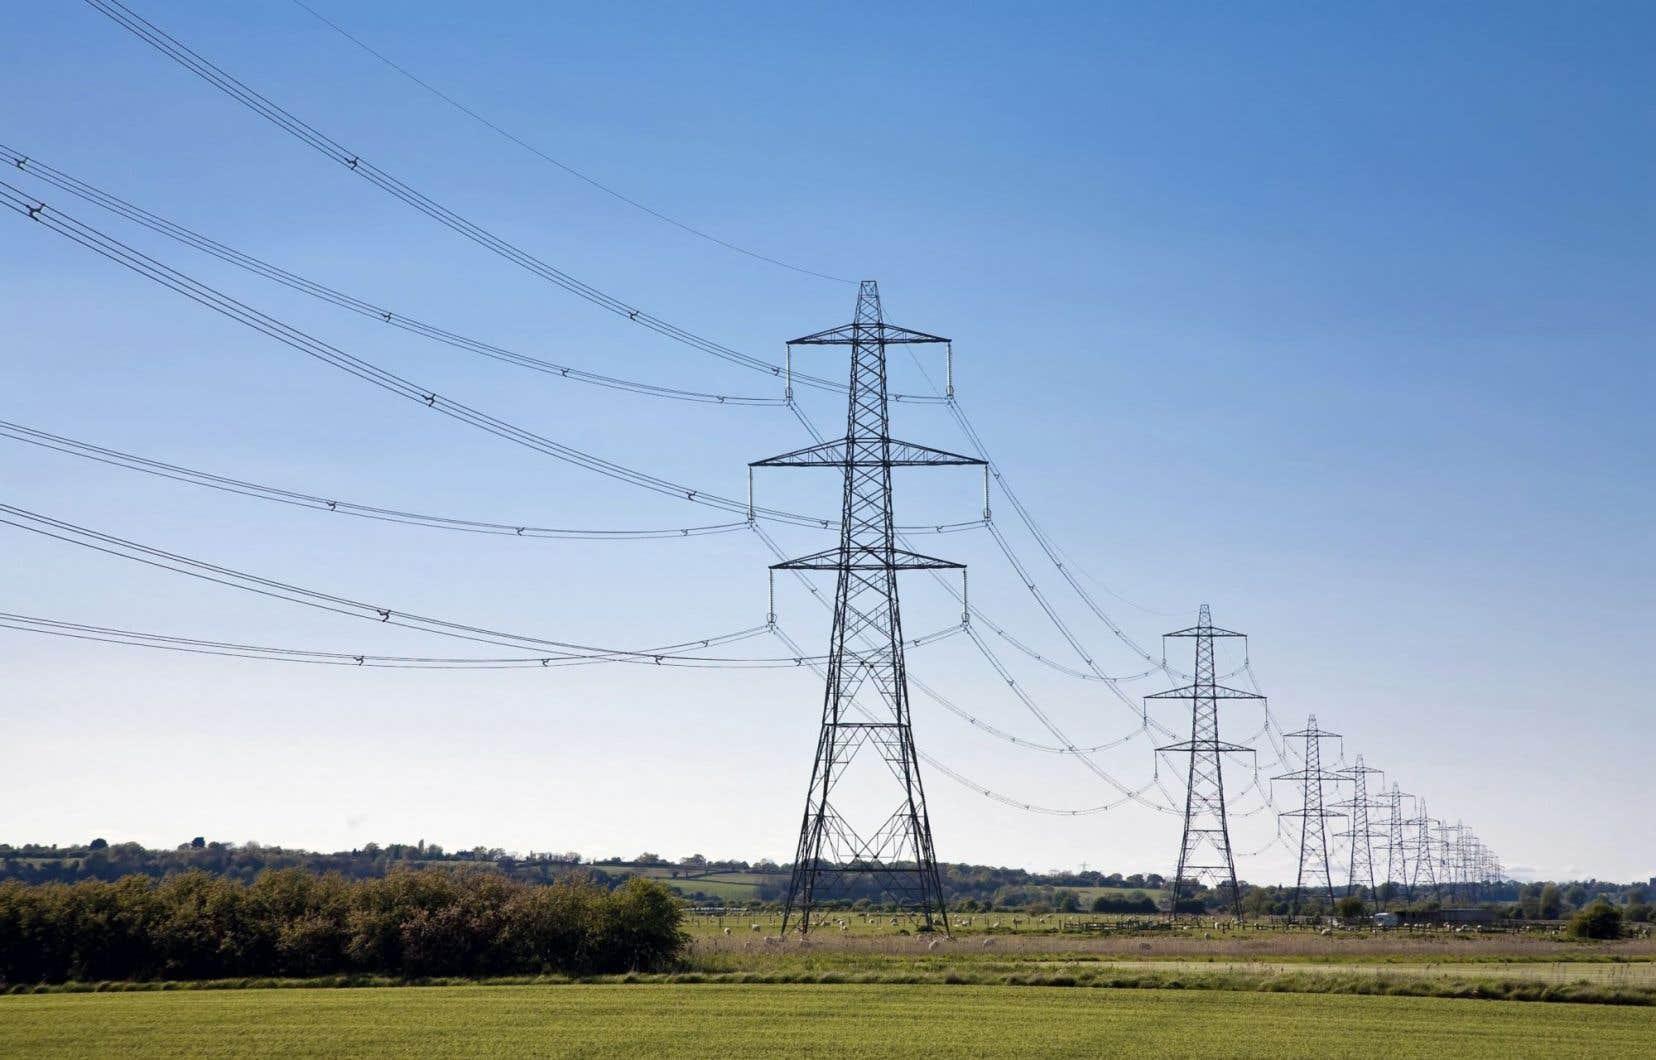 La société d'État propose trois lignes de transport afin d'acheminer l'électricité au Massachusetts, soit par des interconnexions situées au Vermont, au Maine ainsi qu'au New Hampshire avec le Northern Pass.